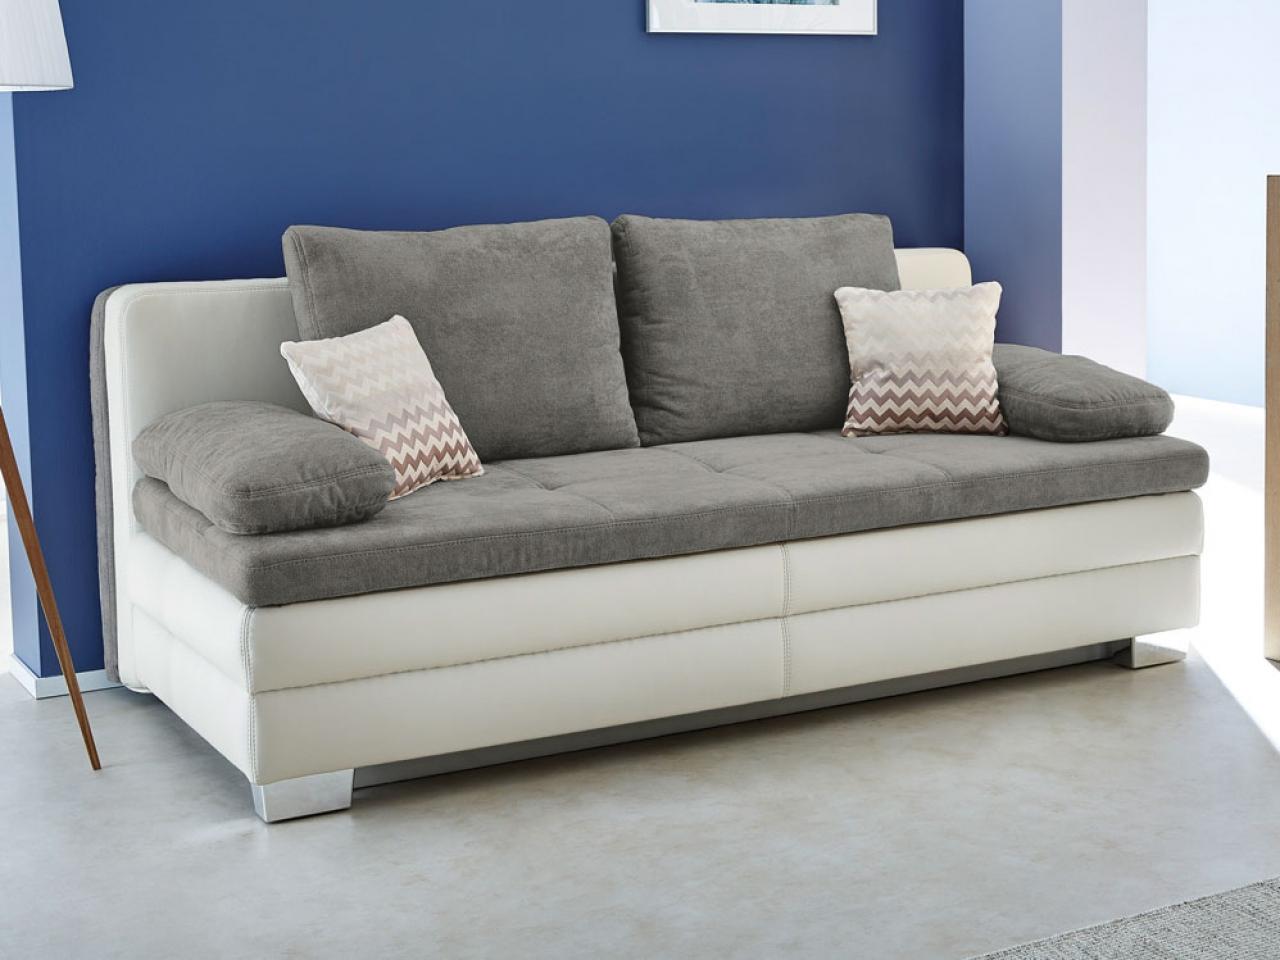 Lincoln kanapé - Ülőgarnitúrák - Online bútorbolt, bútor rendelés ...